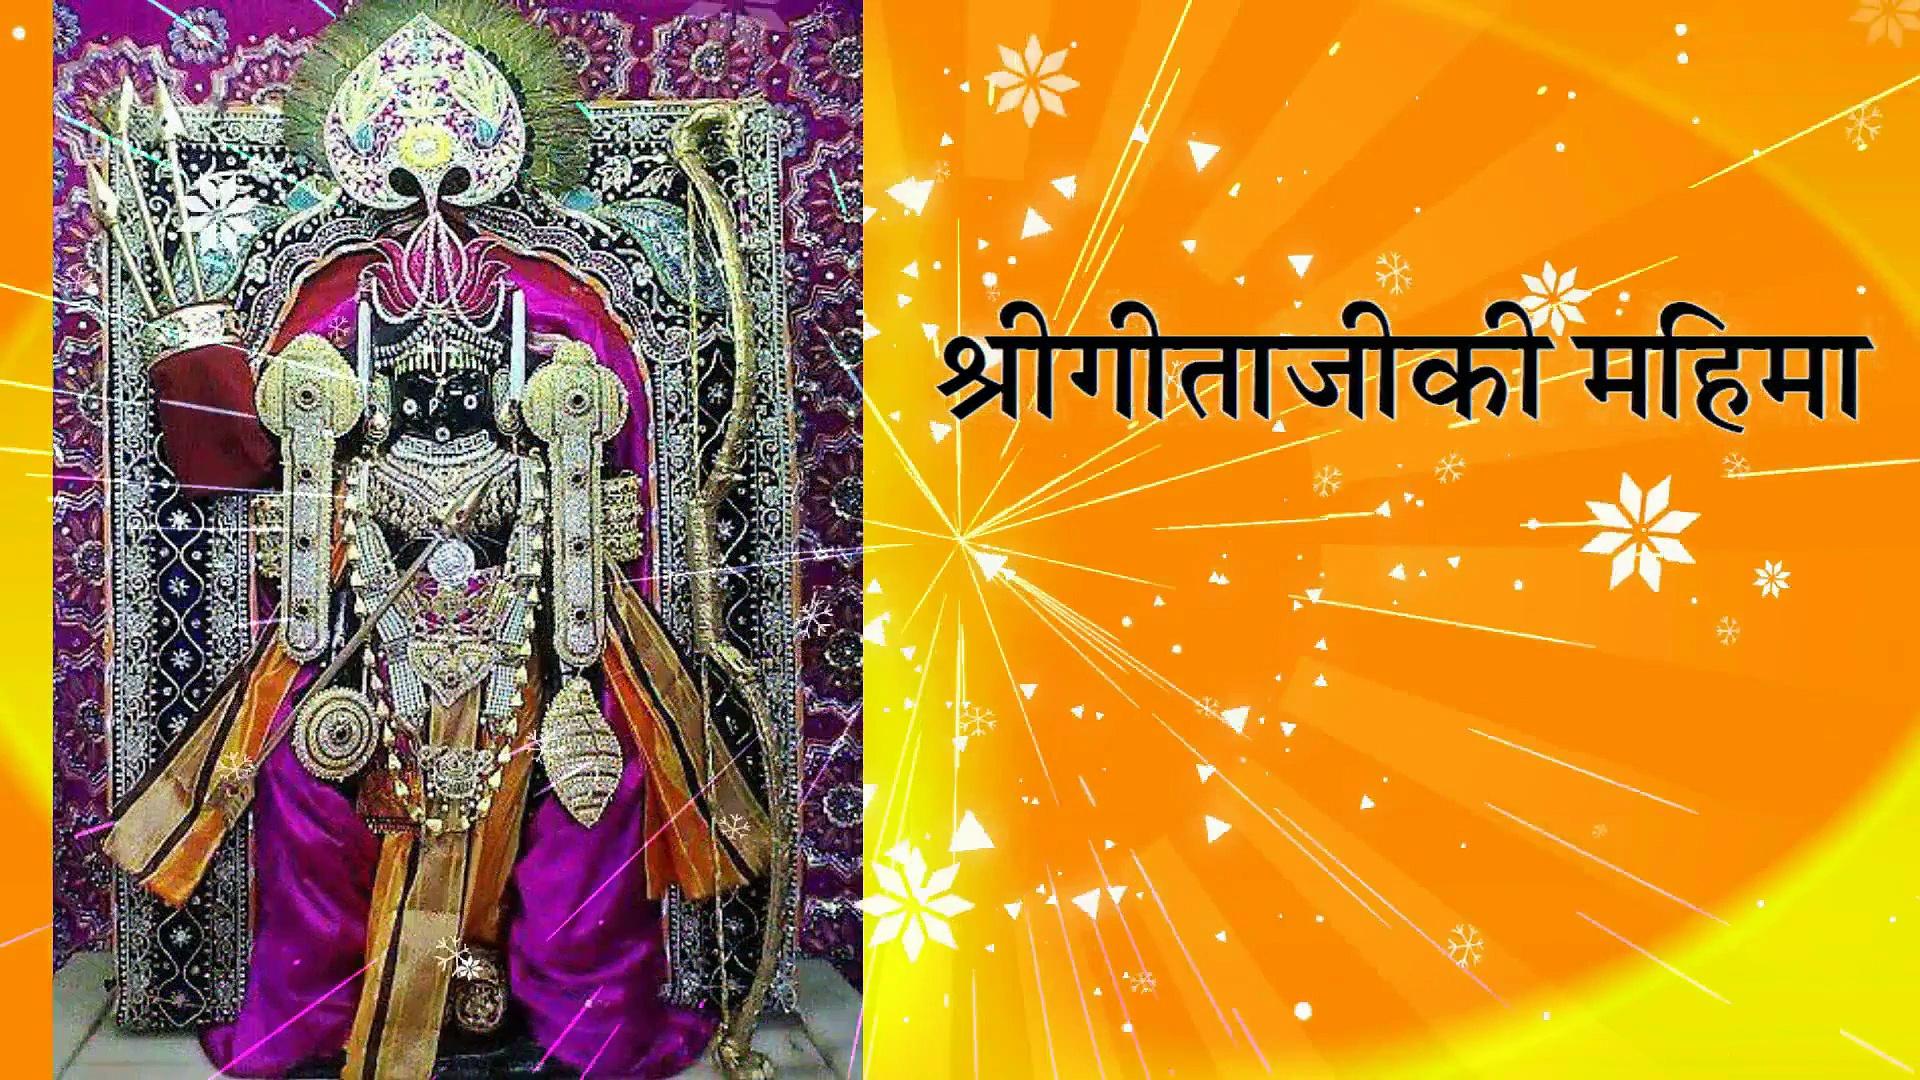 श्रीमद भागवत गीता हिंदी एवं संस्कृत भाग प्रथम Shrimad Bhagwad Geeta Hindi and Sanskrit Part 01